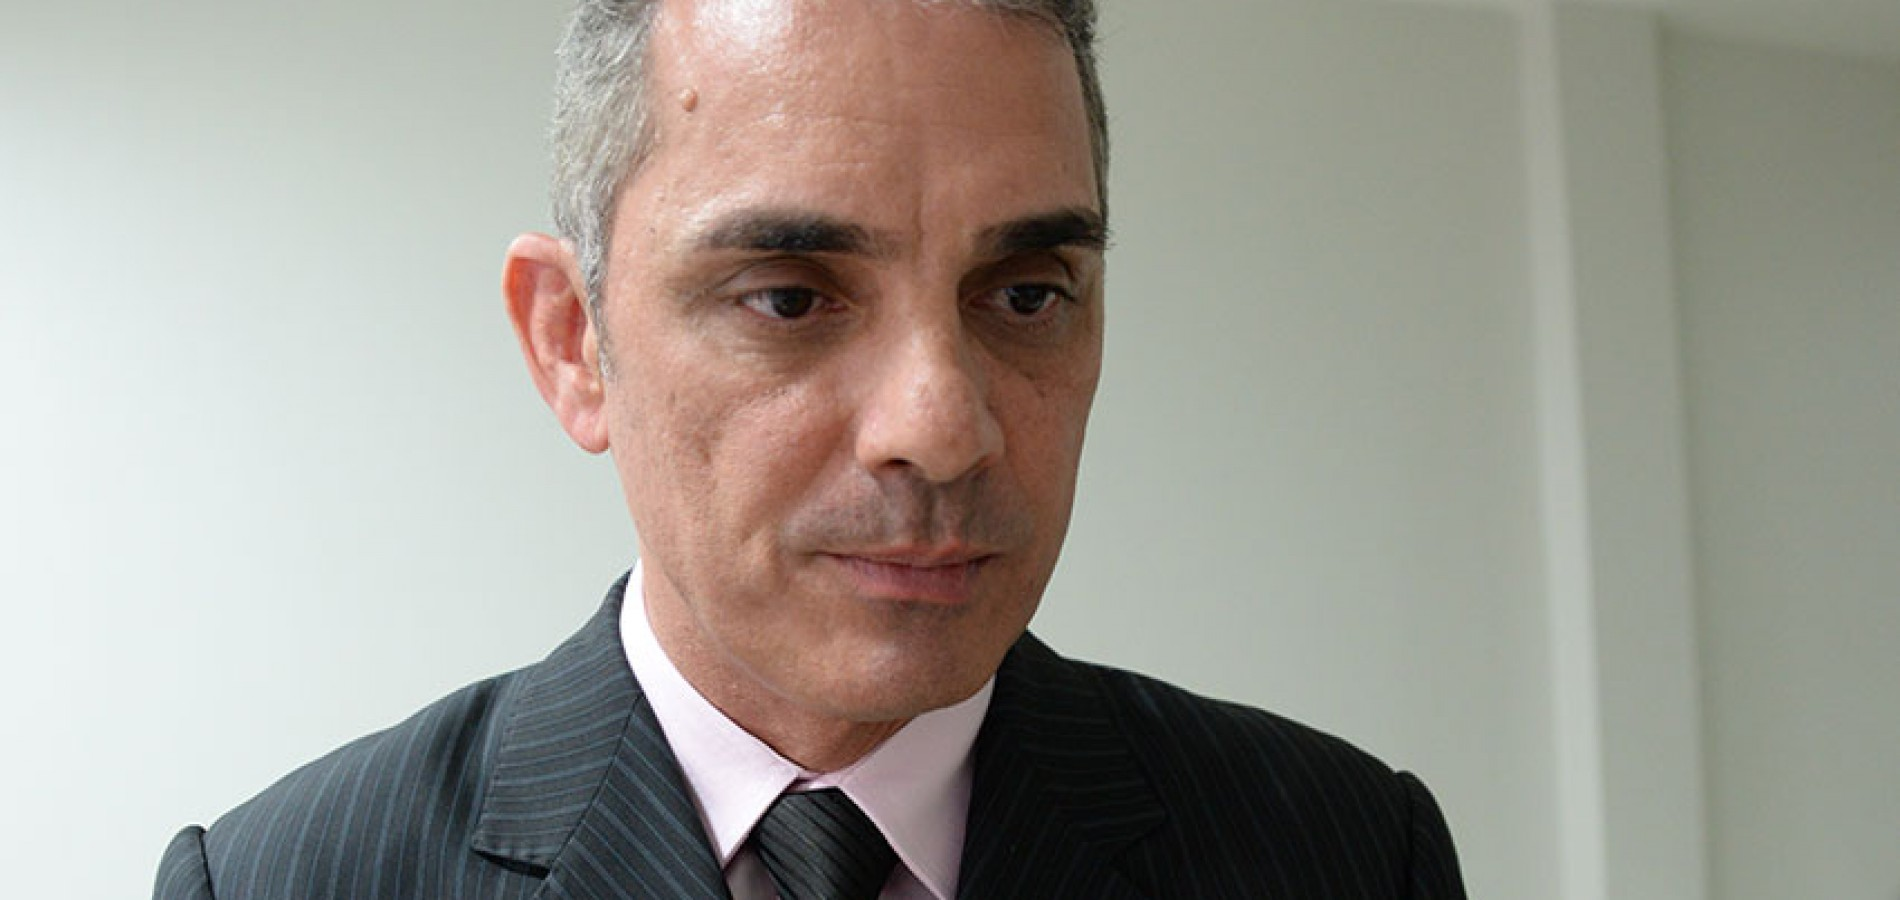 Portaria proíbe delegado de investigar autoridades no Piauí